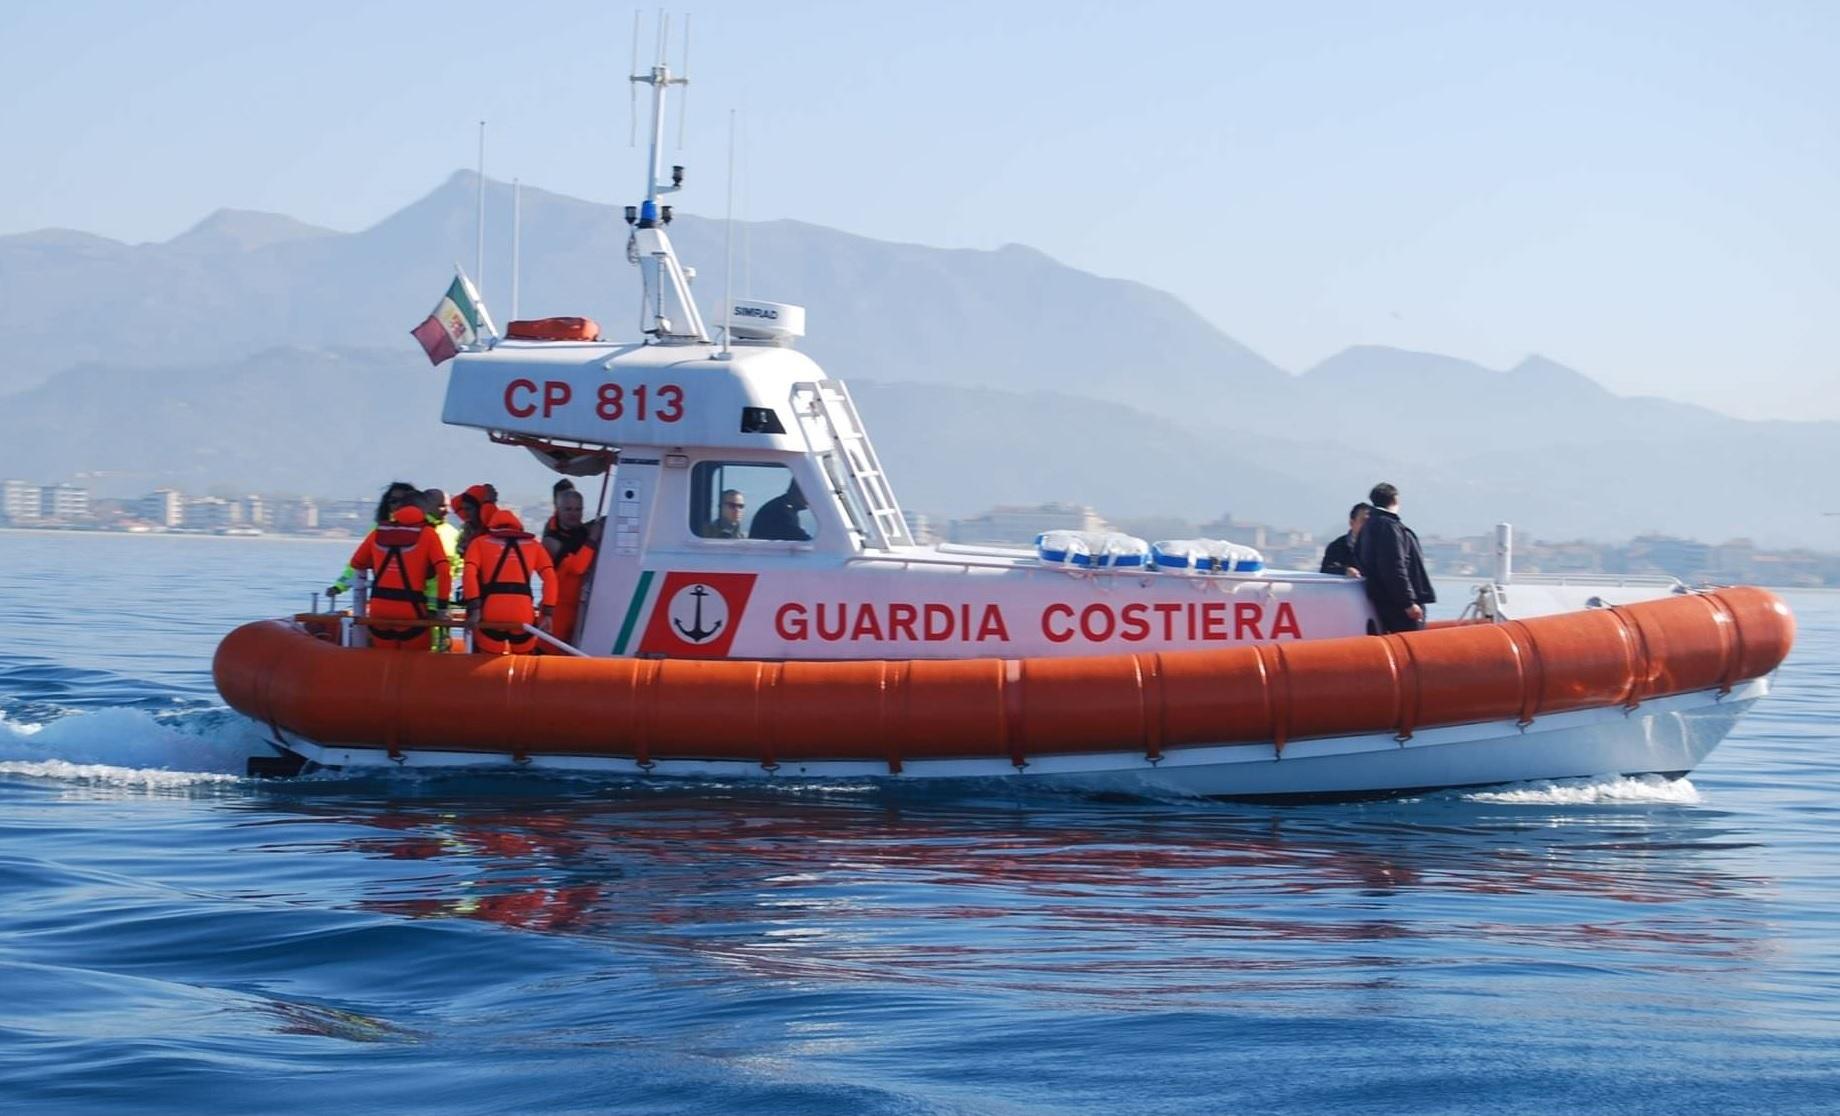 Malore a bordo, soccorso in mare